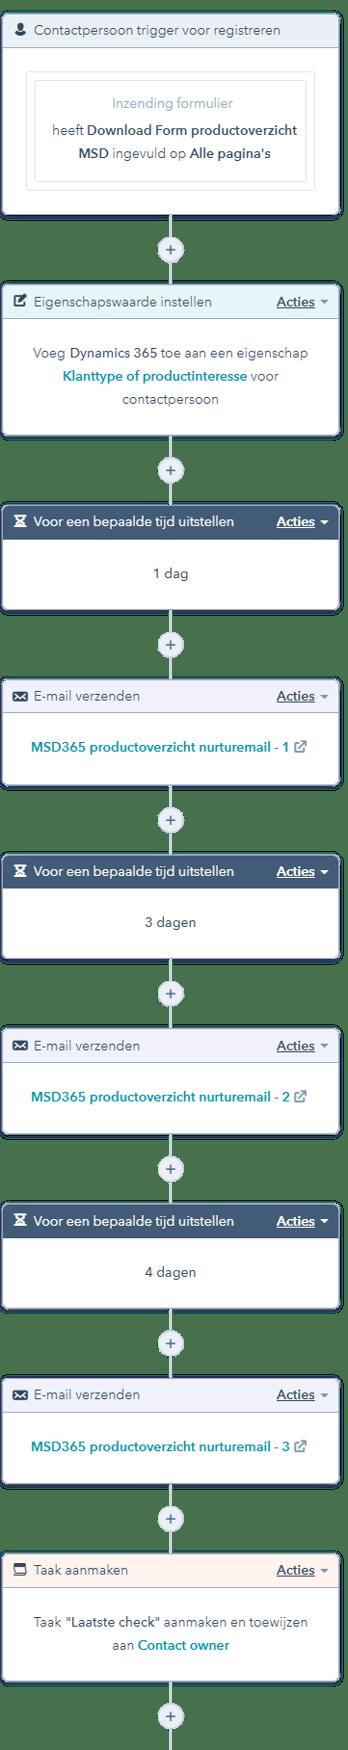 Voorbeeld HubSpot Workflow - nurturemail na het downloaden van een contentstuk